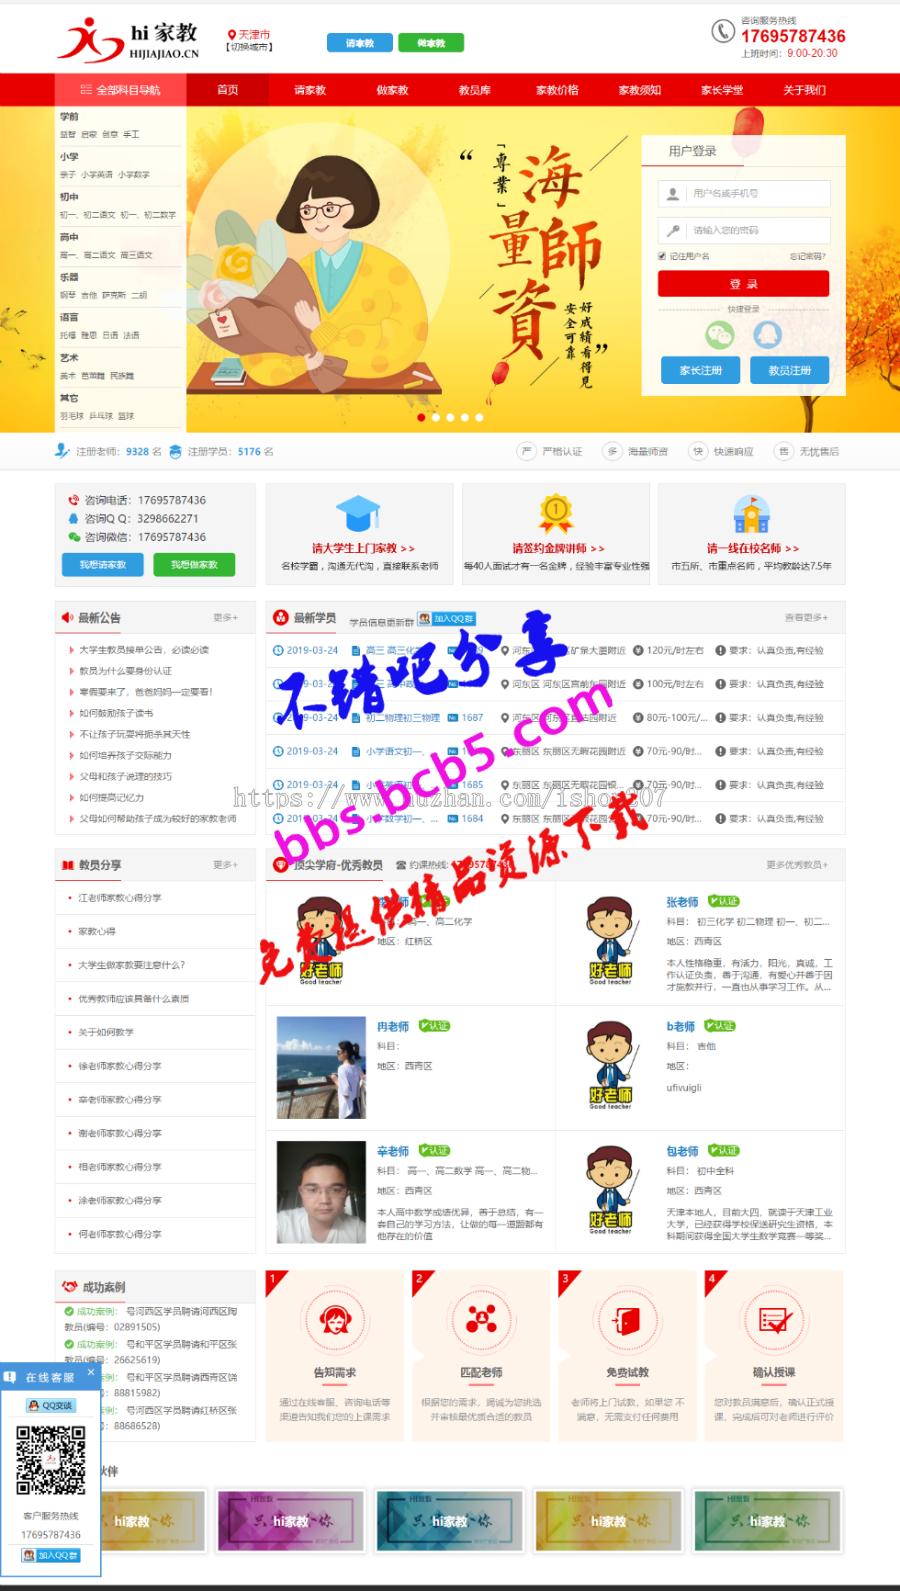 新款家教网站源码分享,教育服务网站平台,Thinkphp内核框架后台,前端Bootstrap框架